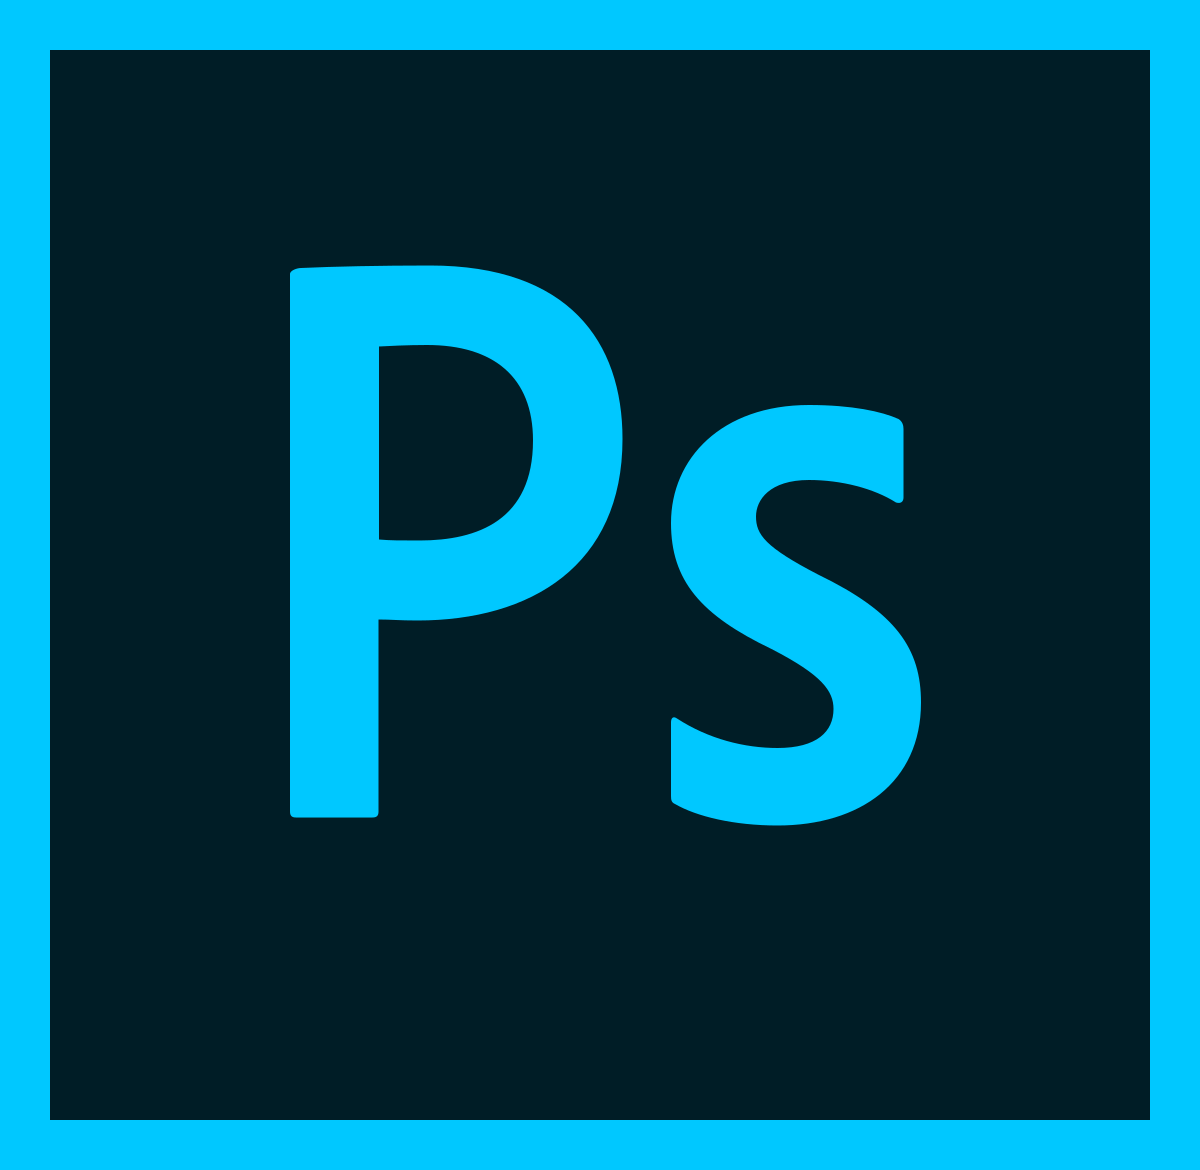 Логотип Photoshop